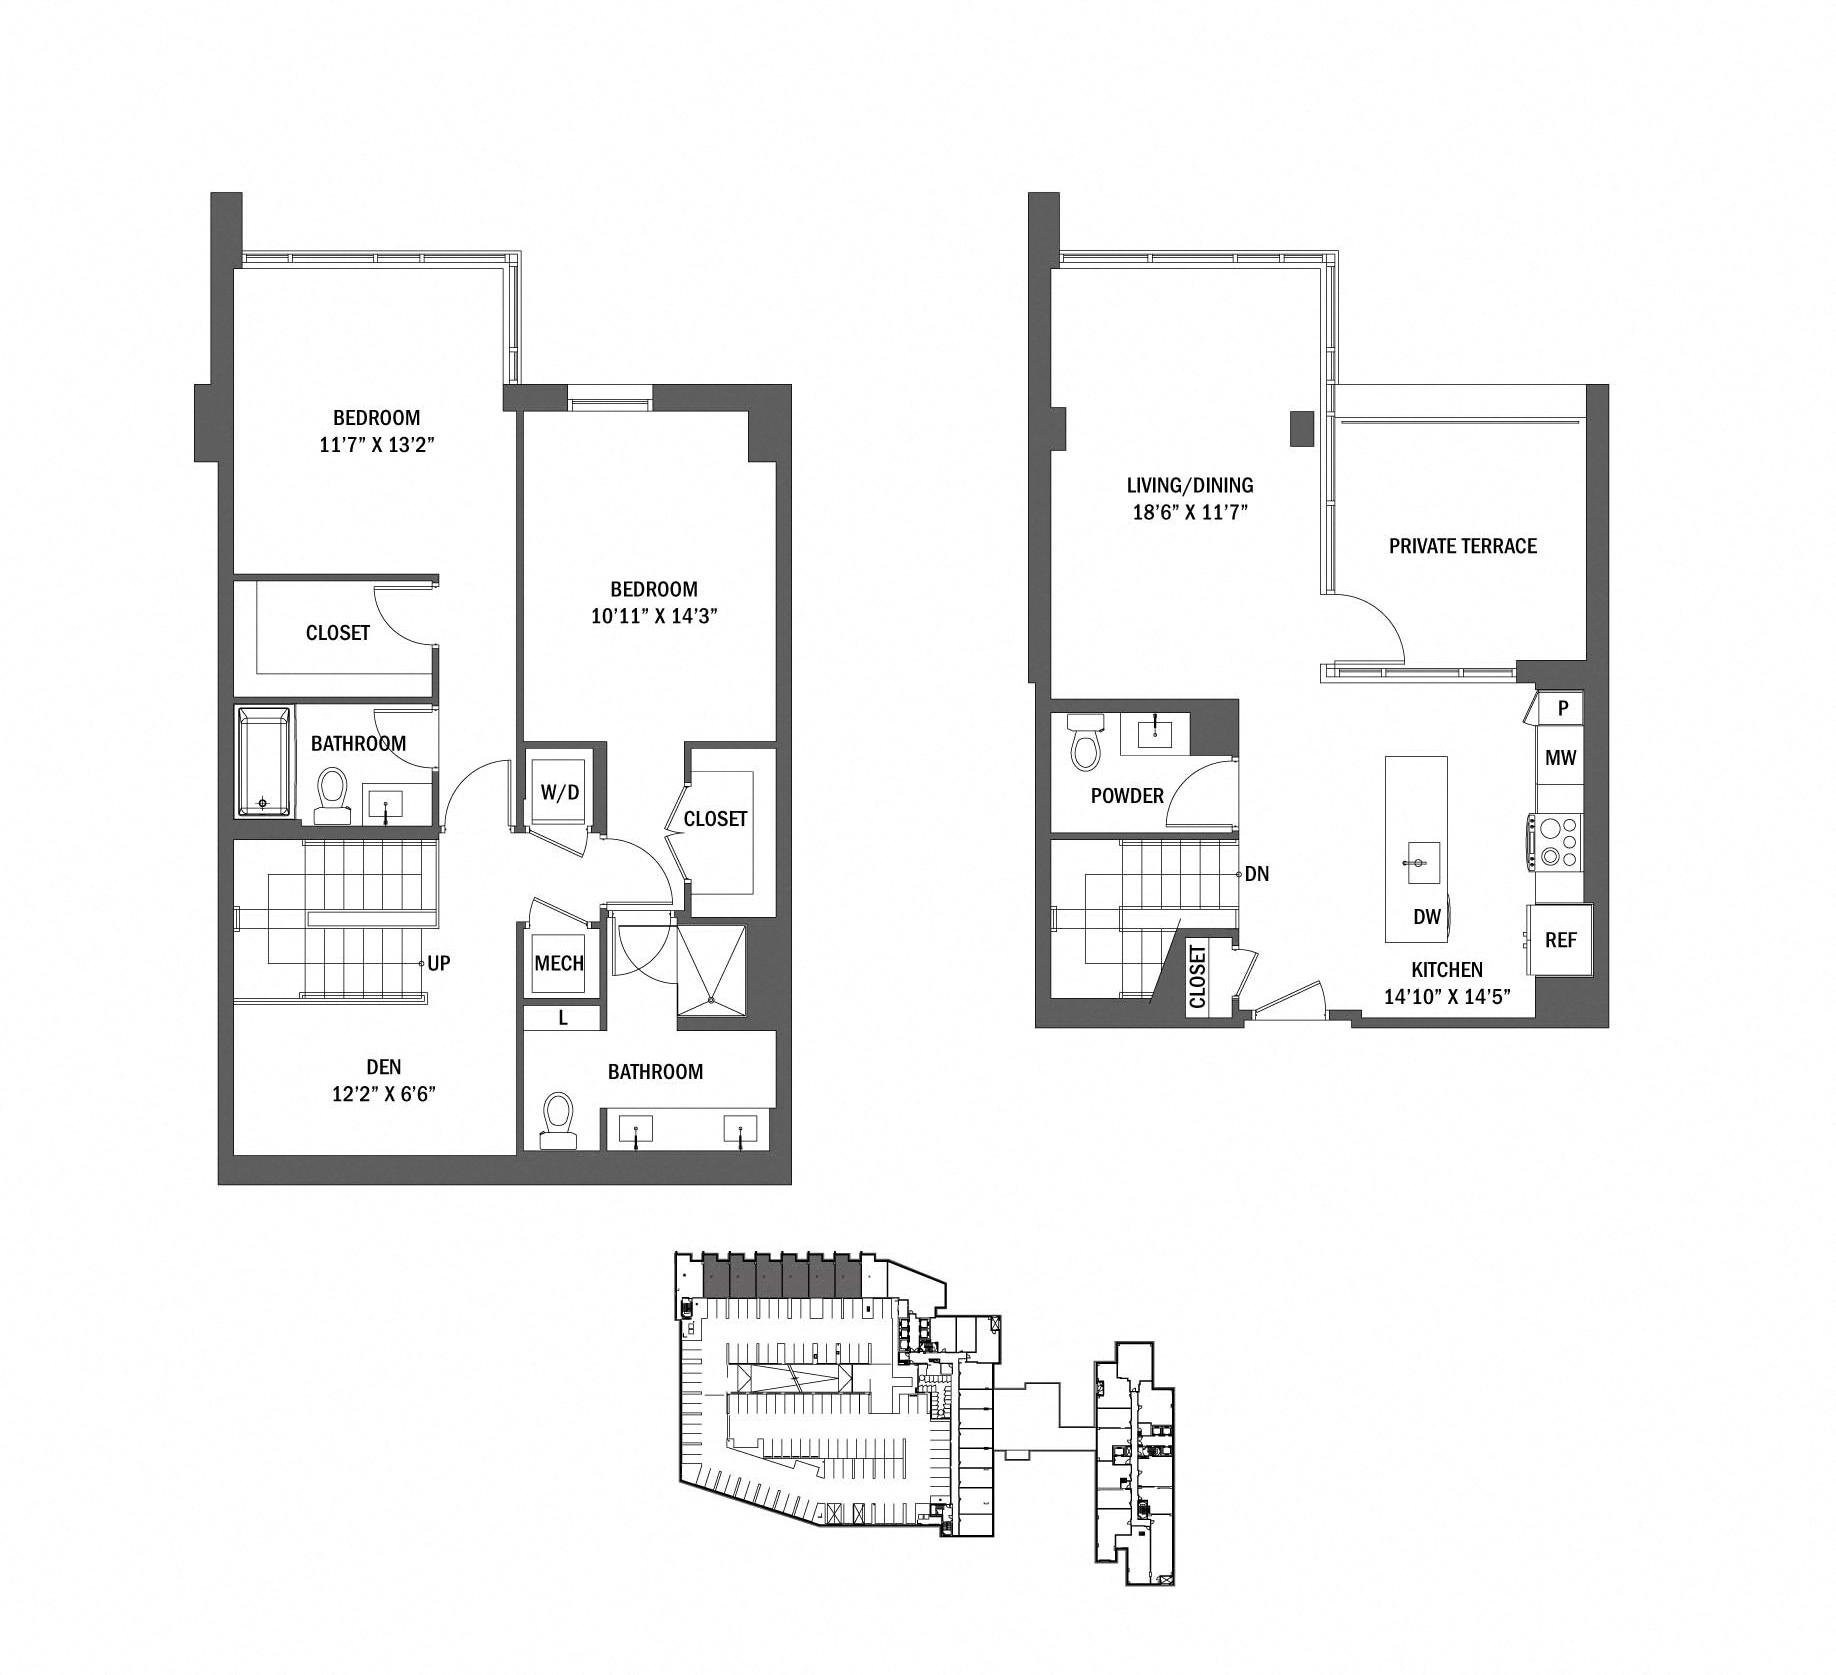 P0625338 n02 php n07 php 2 floorplan(1)